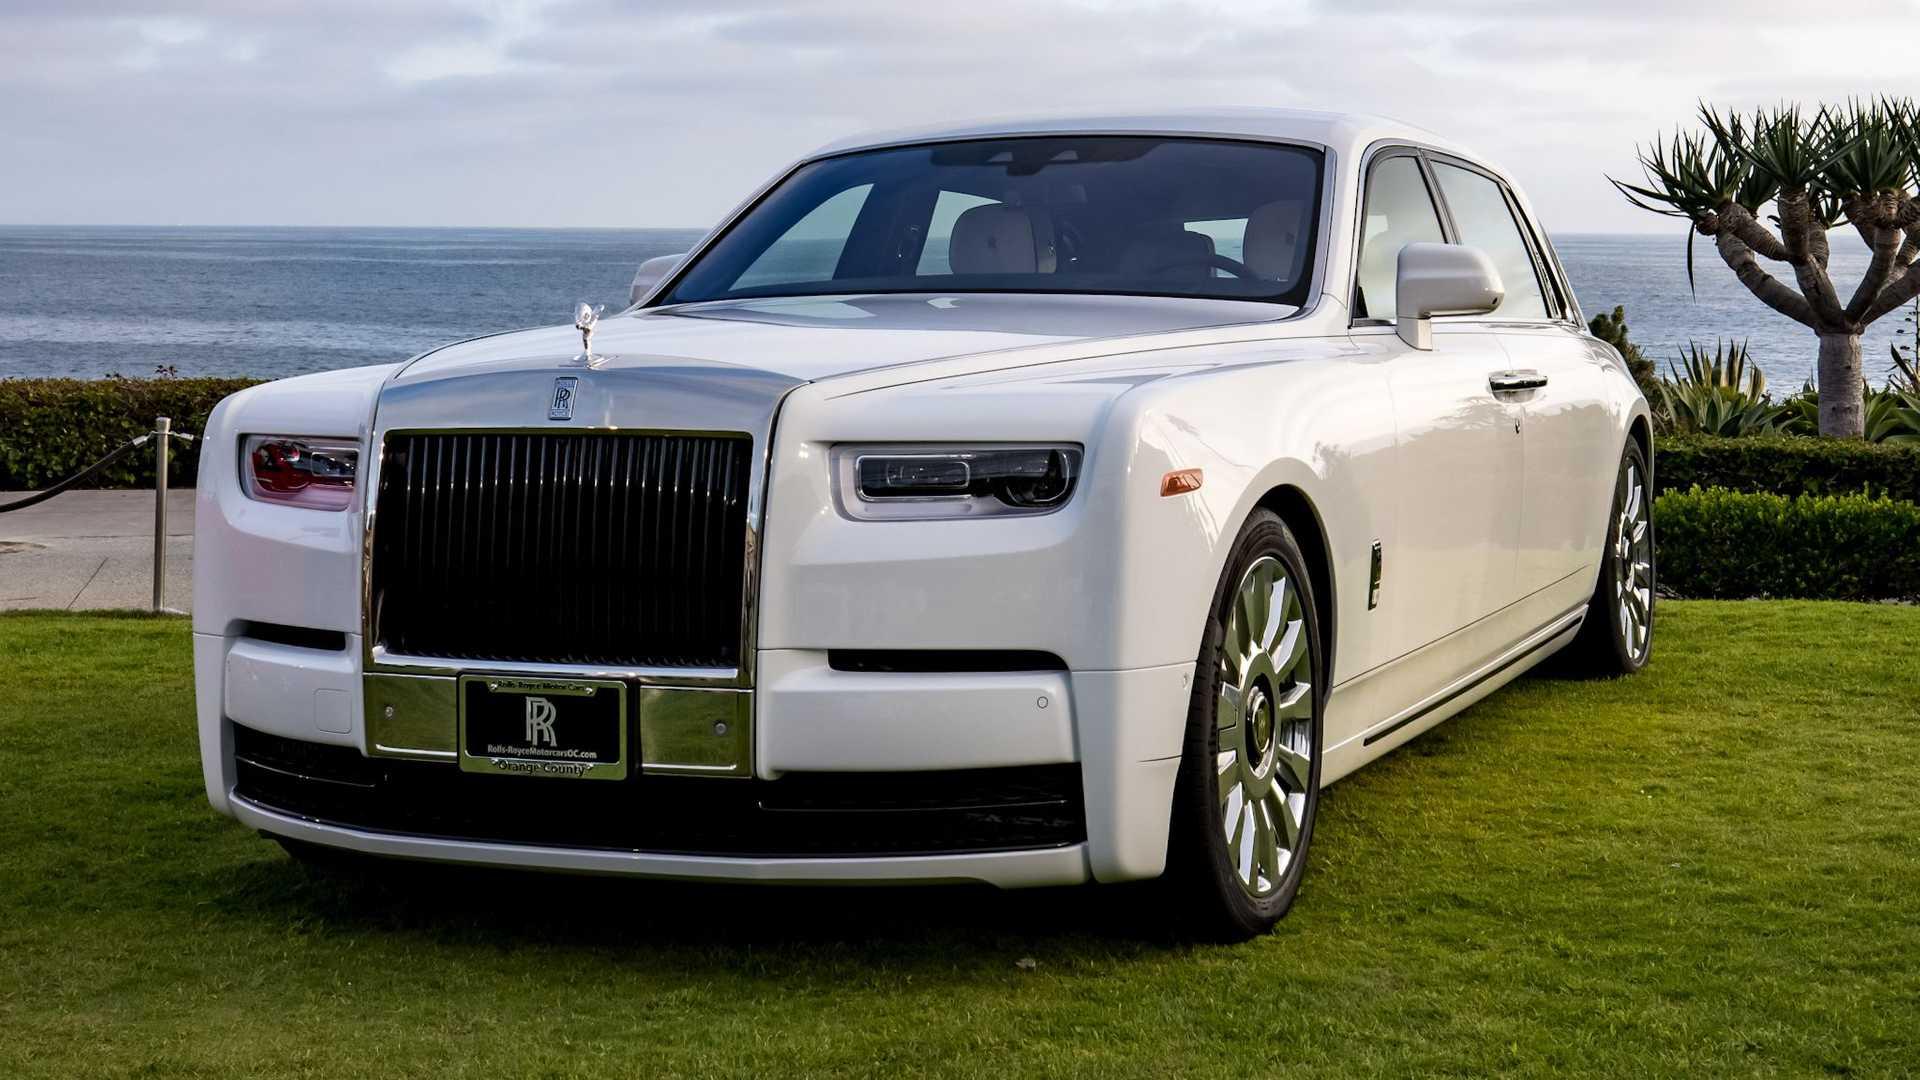 Bộ-đôi-Rolls-Royce-cá-nhân-hóa-kỷ-niệm-dịp-đặc-biệt-của-chủ-nhân (11).jpg